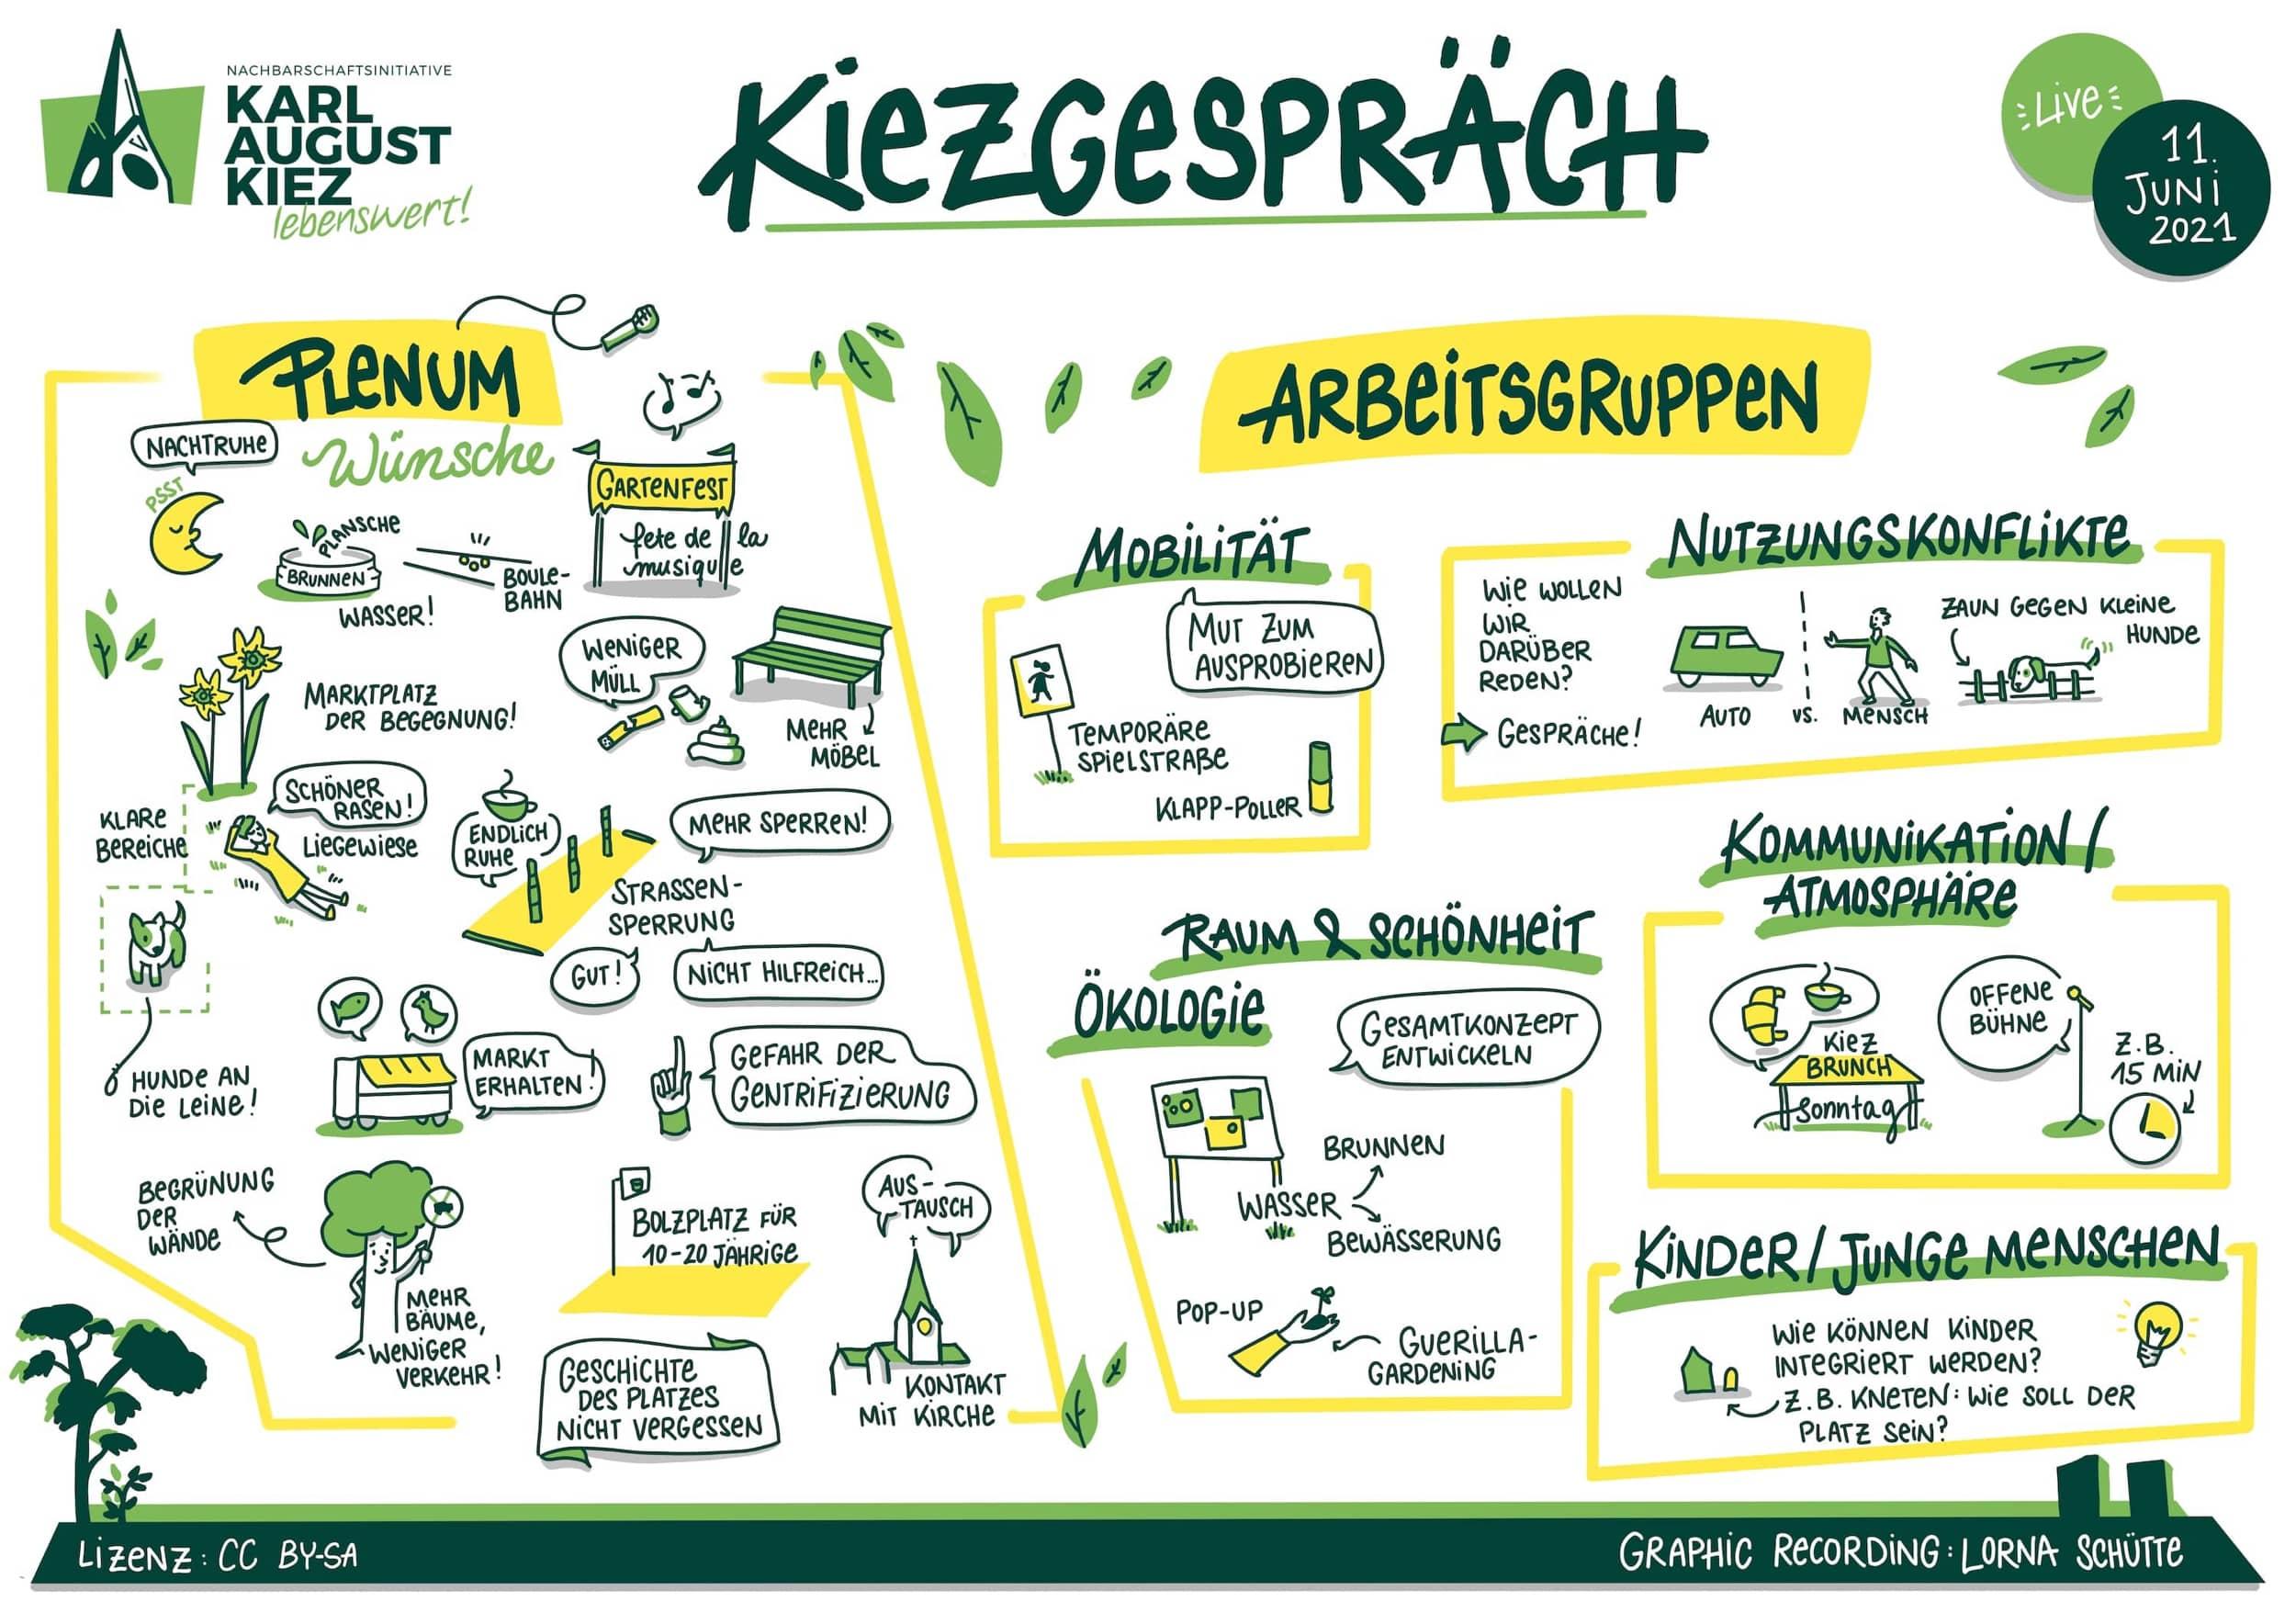 Ergebnis-Illustration der vielen Ideen für den Karl-August-Kiez.